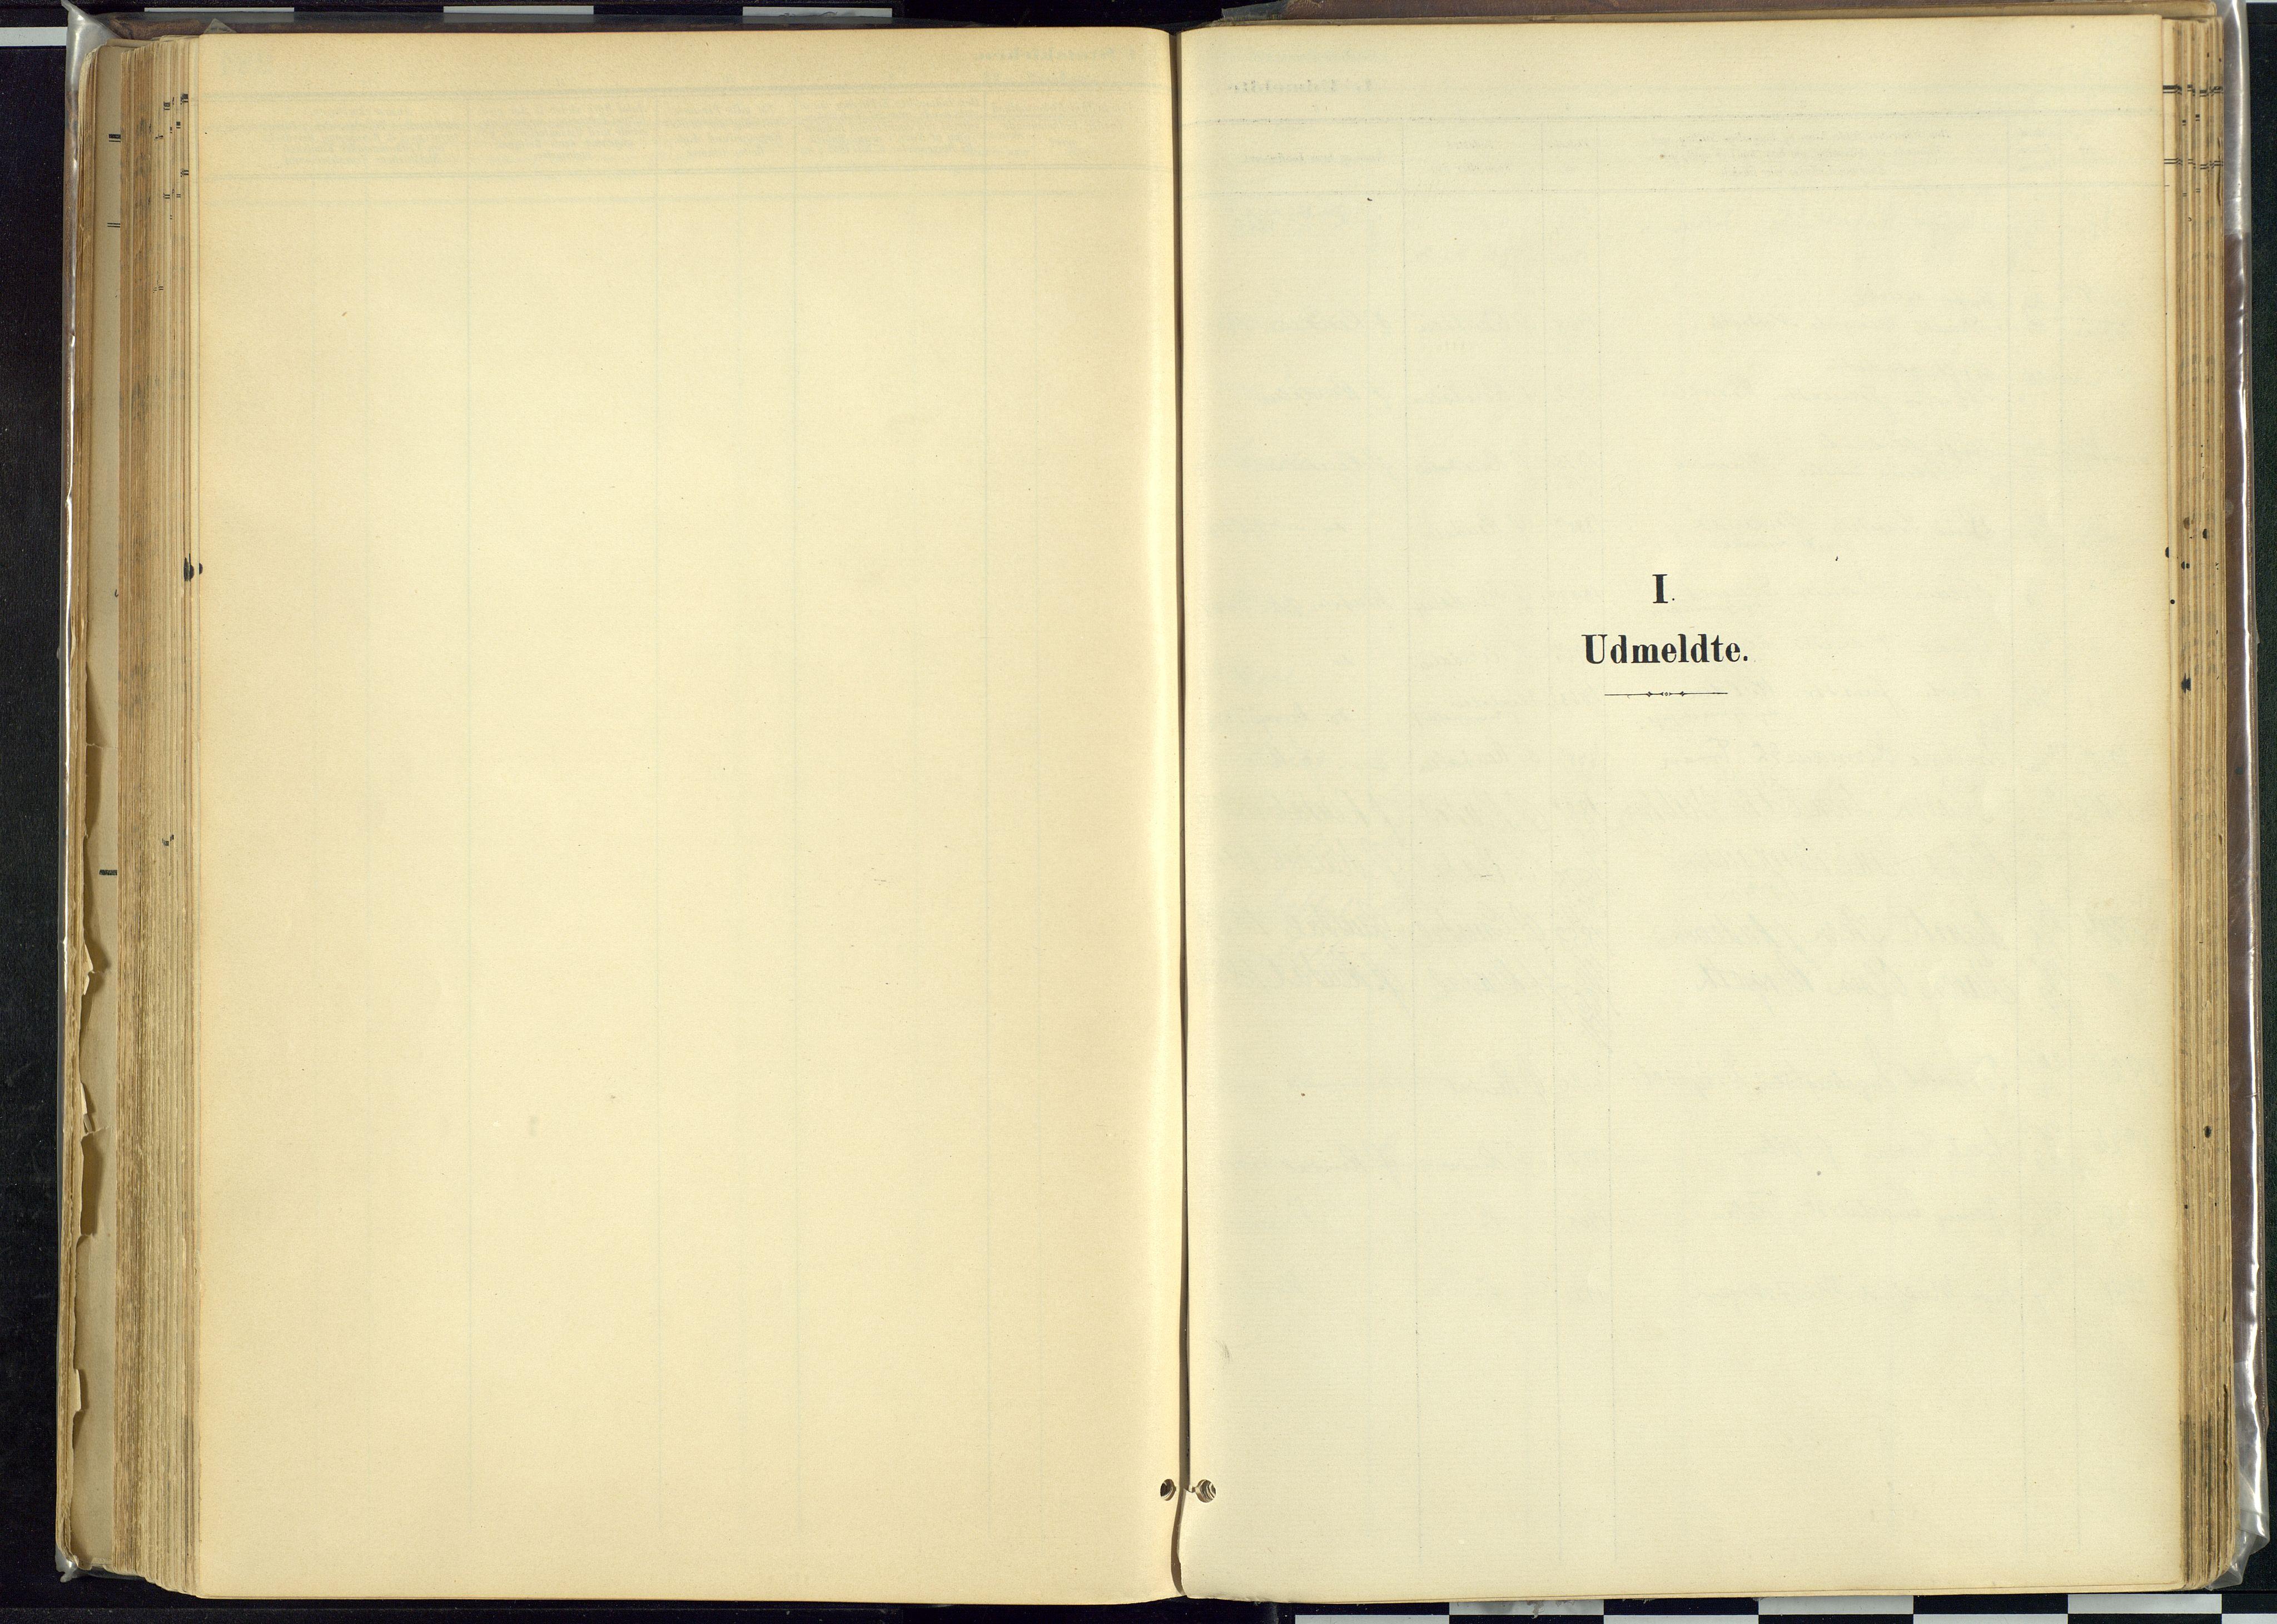 SAH, Rendalen prestekontor, H/Ha/Haa: Ministerialbok nr. 12, 1901-1928, s. 278